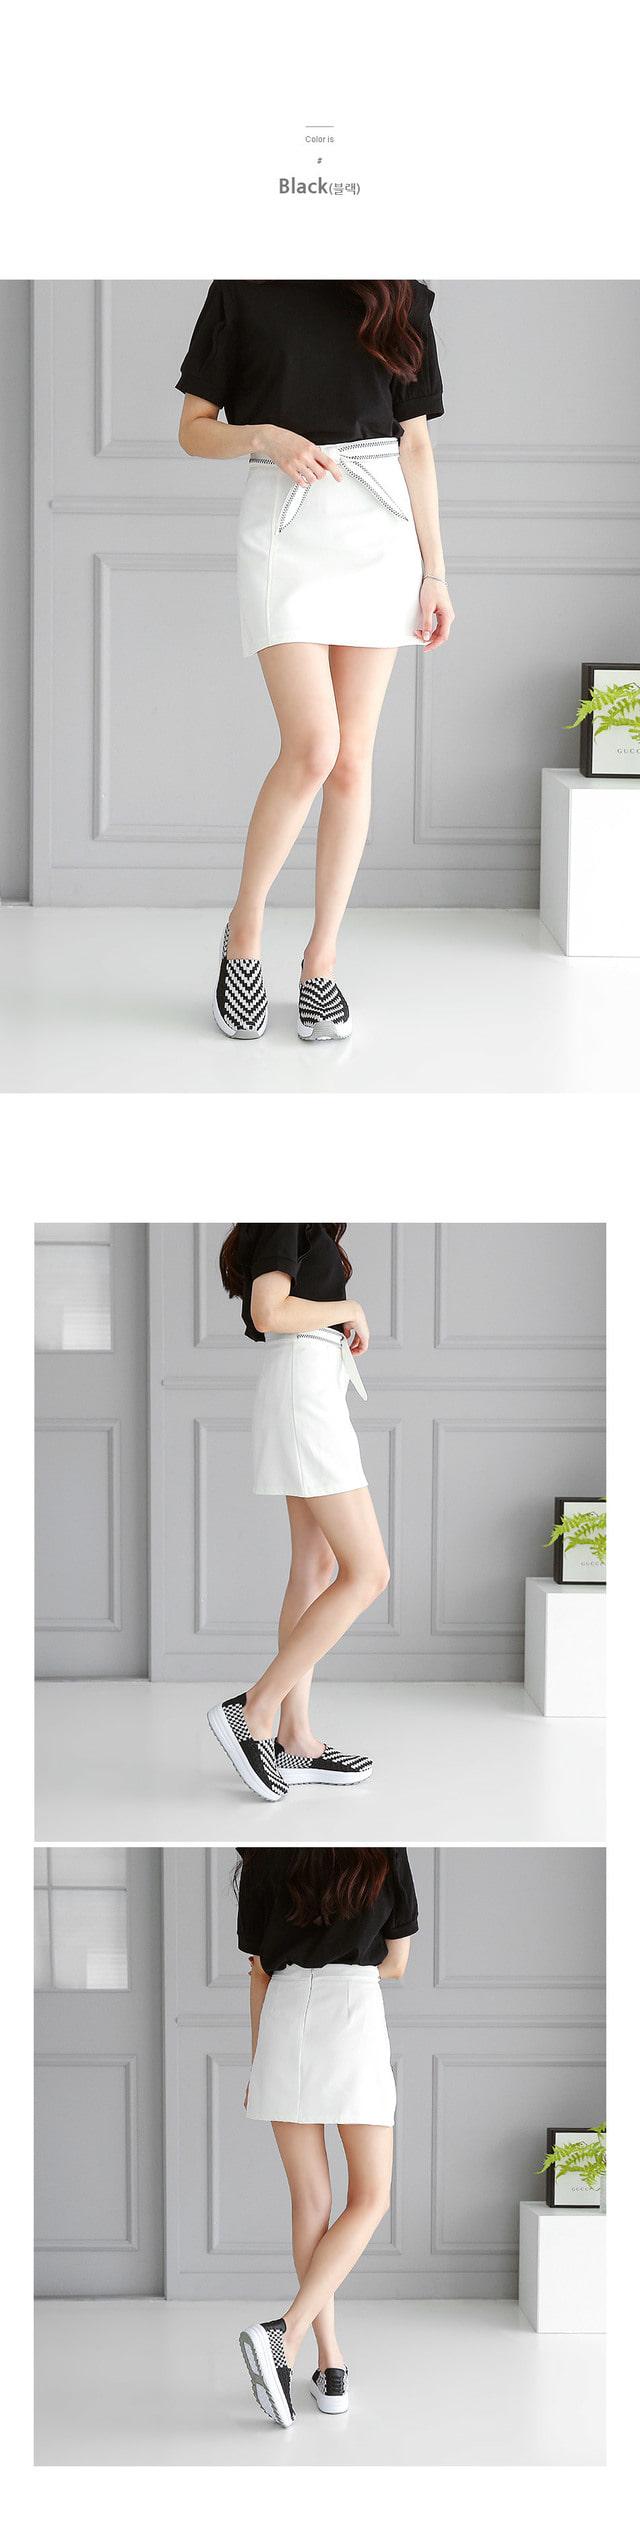 Baha Woven Shoes 4cm